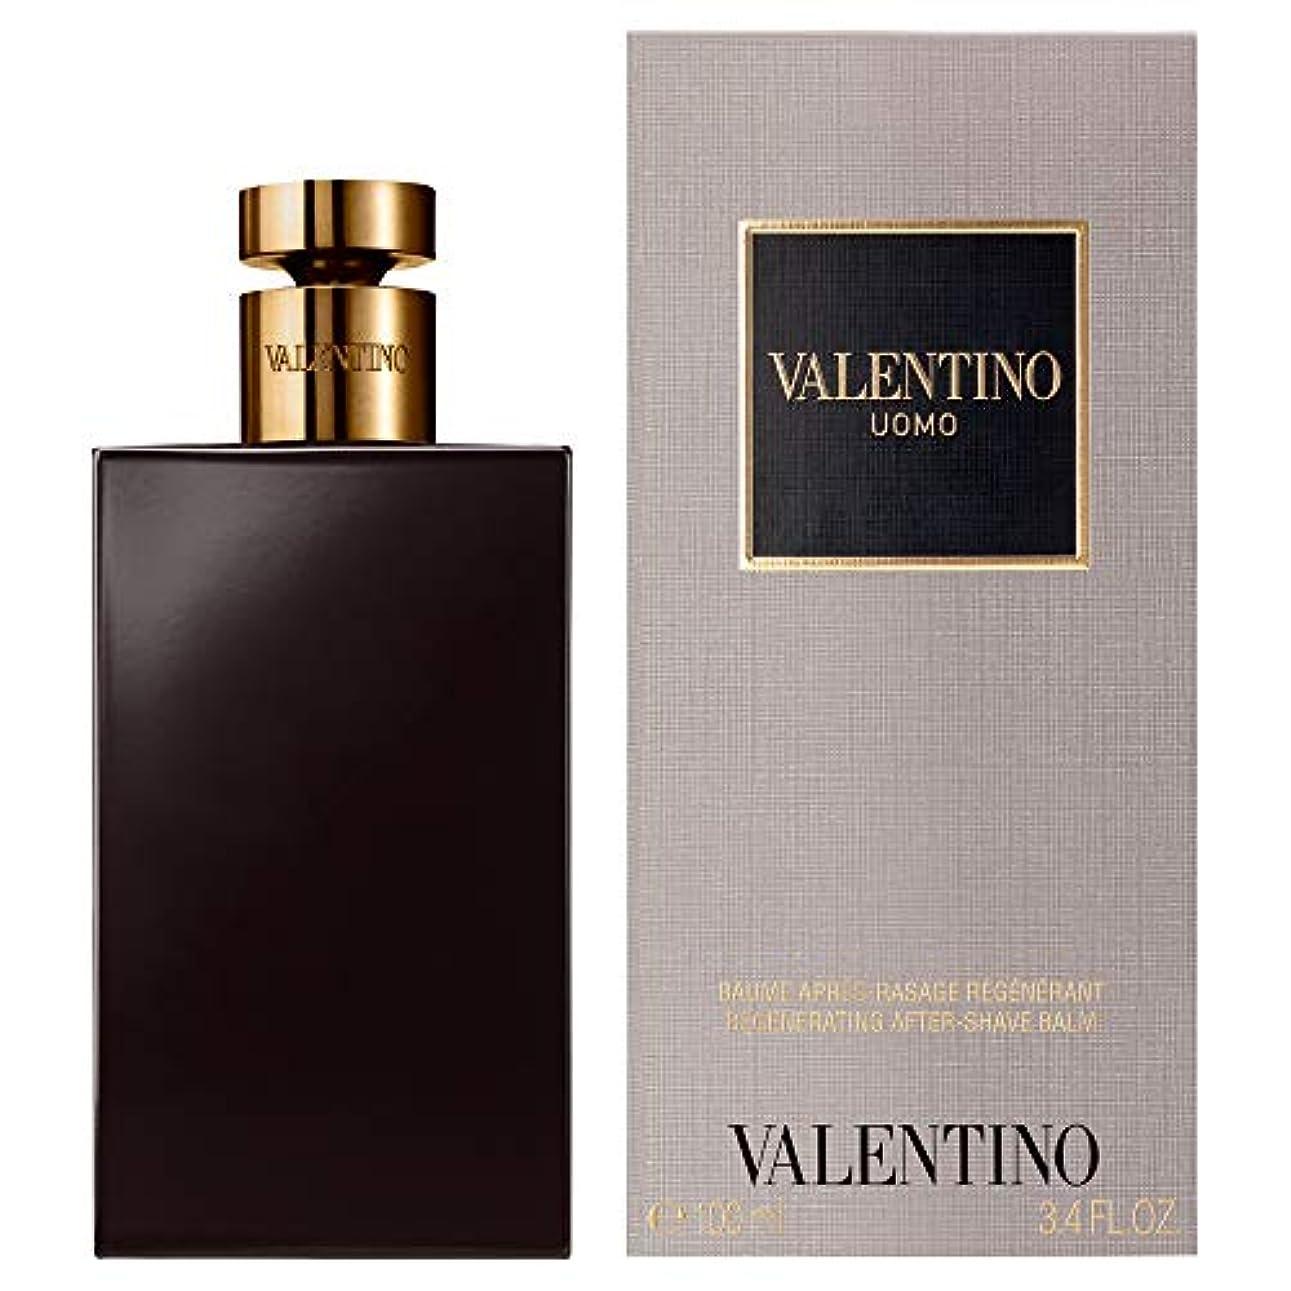 王朝信念チェスをする[Valentino] バレンティーノ?ウォモとしてバーム100ミリリットル - Valentino Uomo AS Balm 100ml [並行輸入品]